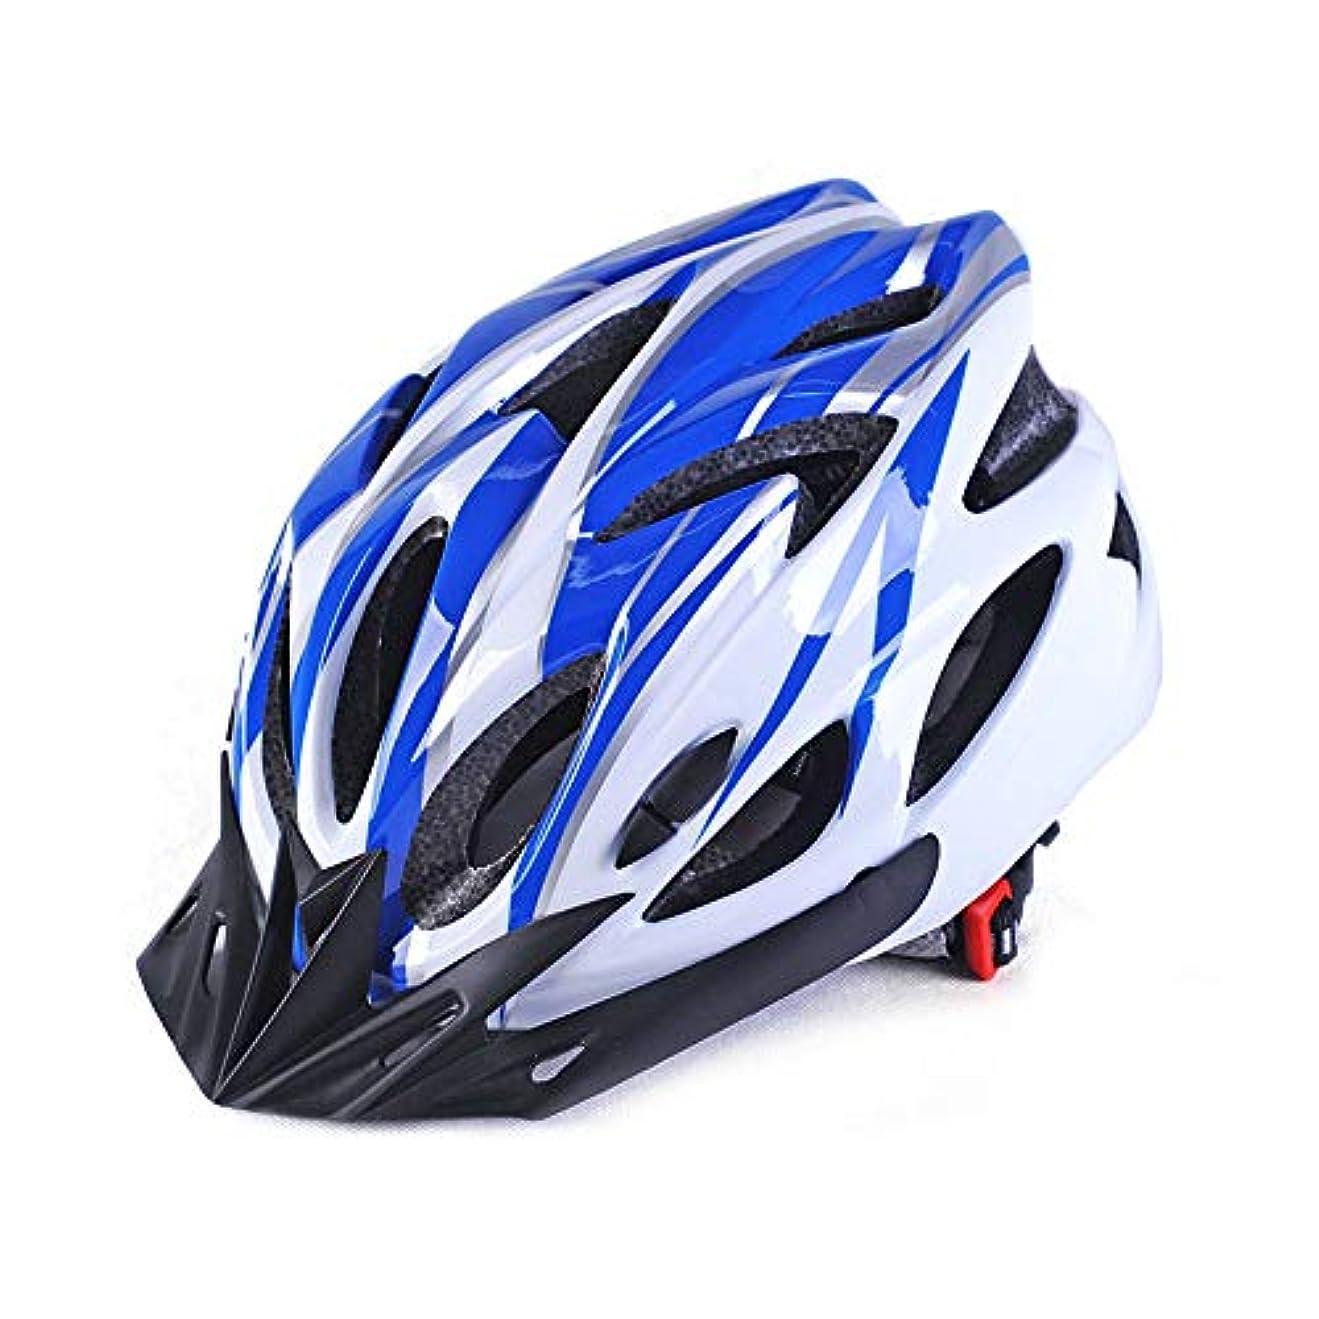 ノイズでパラシュートOkiiting 高品質サイクリングヘルメット安全ヘルメット調節可能なサイズマウンテンヘルメット超軽量デザイン裏地保護耐衝撃性耐風性耐摩耗性 うまく設計された (色 : White+blue)